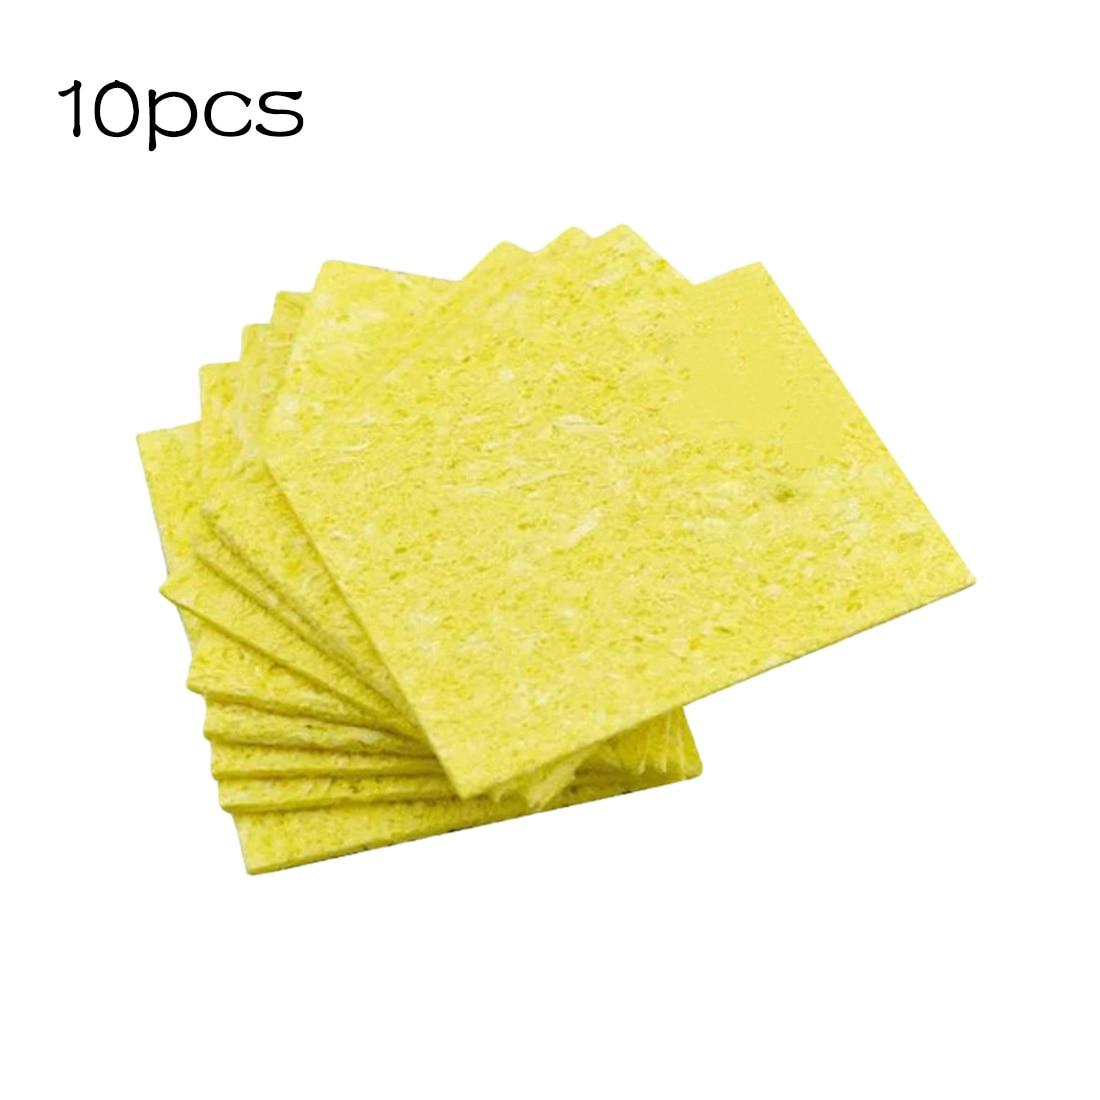 10pcs/lot High Temperature Resistant Heatstable Solder Thick Sponge Soldering Welding Accessories Soldering Iron Cleaning New